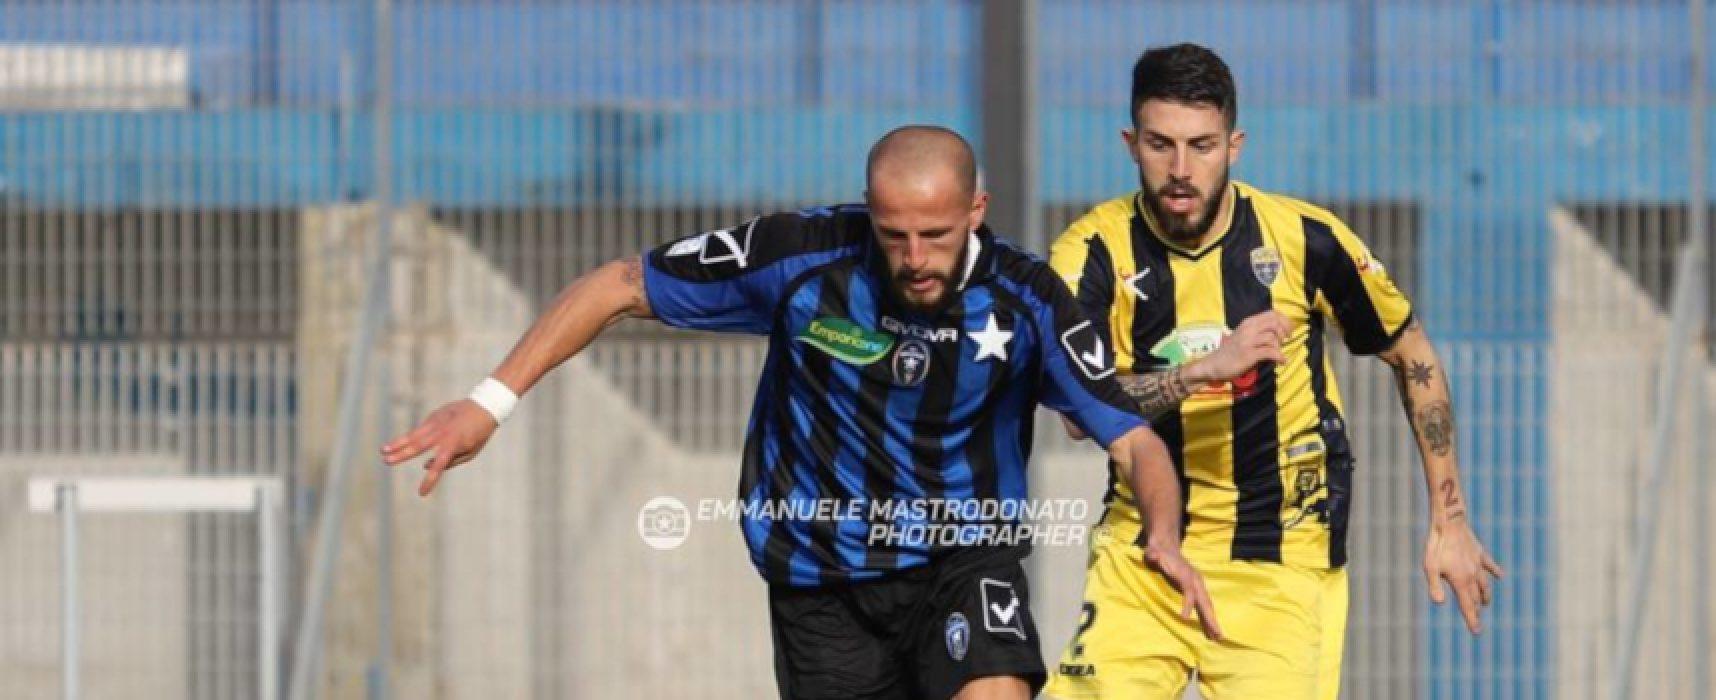 Bisceglie Calcio di scena a Matera con l'obbligo dei tre punti